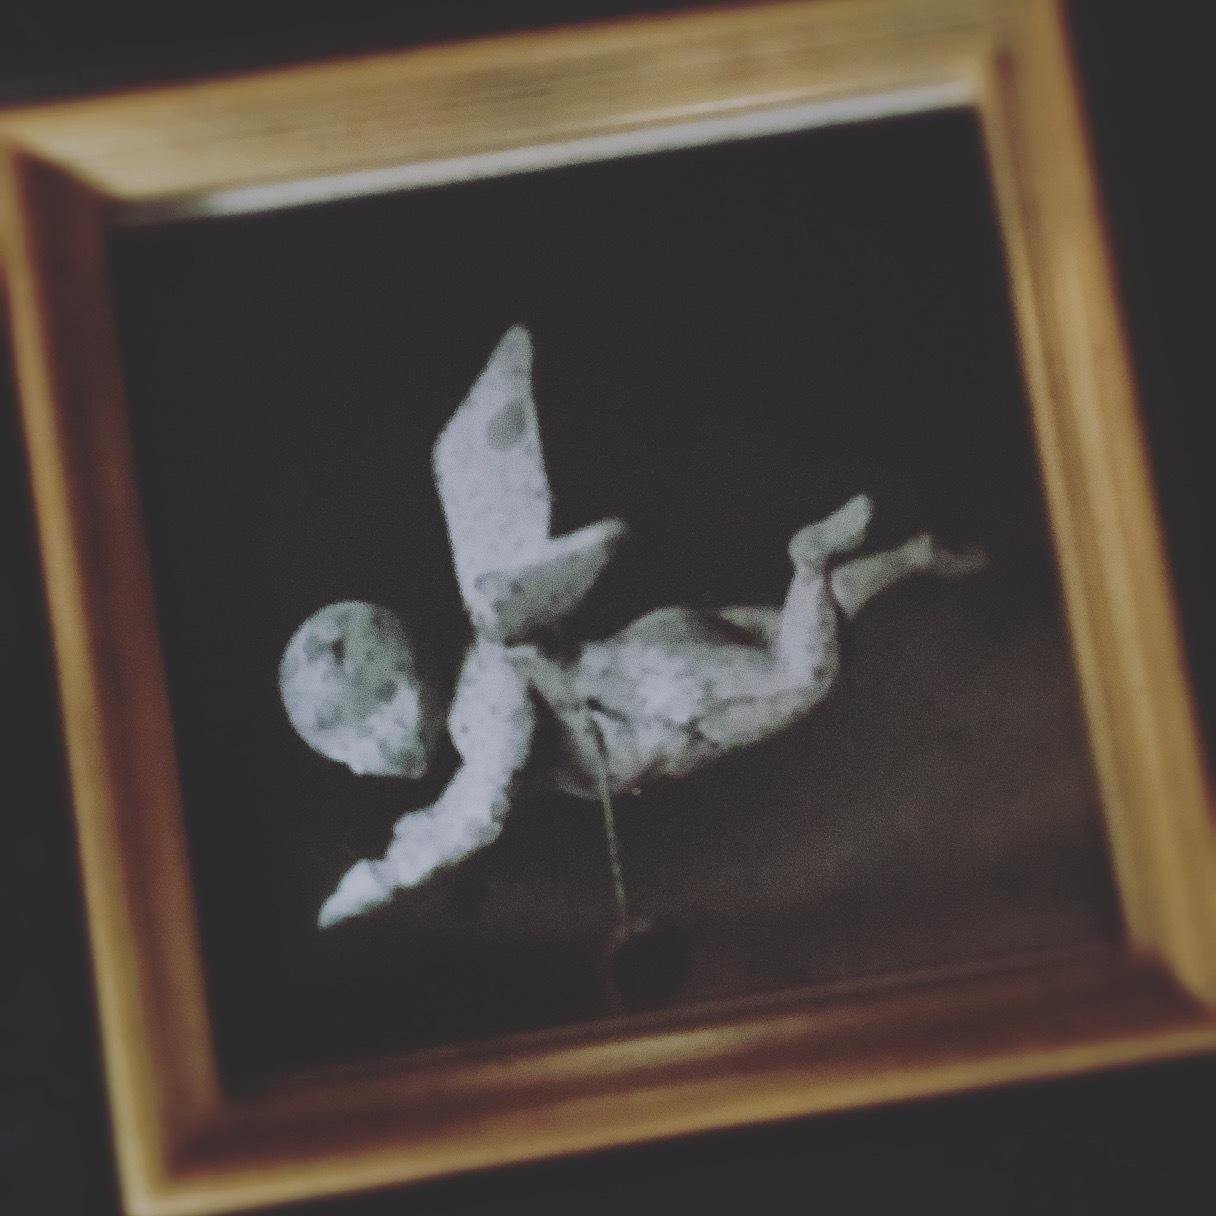 魂を映す永遠のアダージョ 私的撮影_c0203401_18330135.jpeg